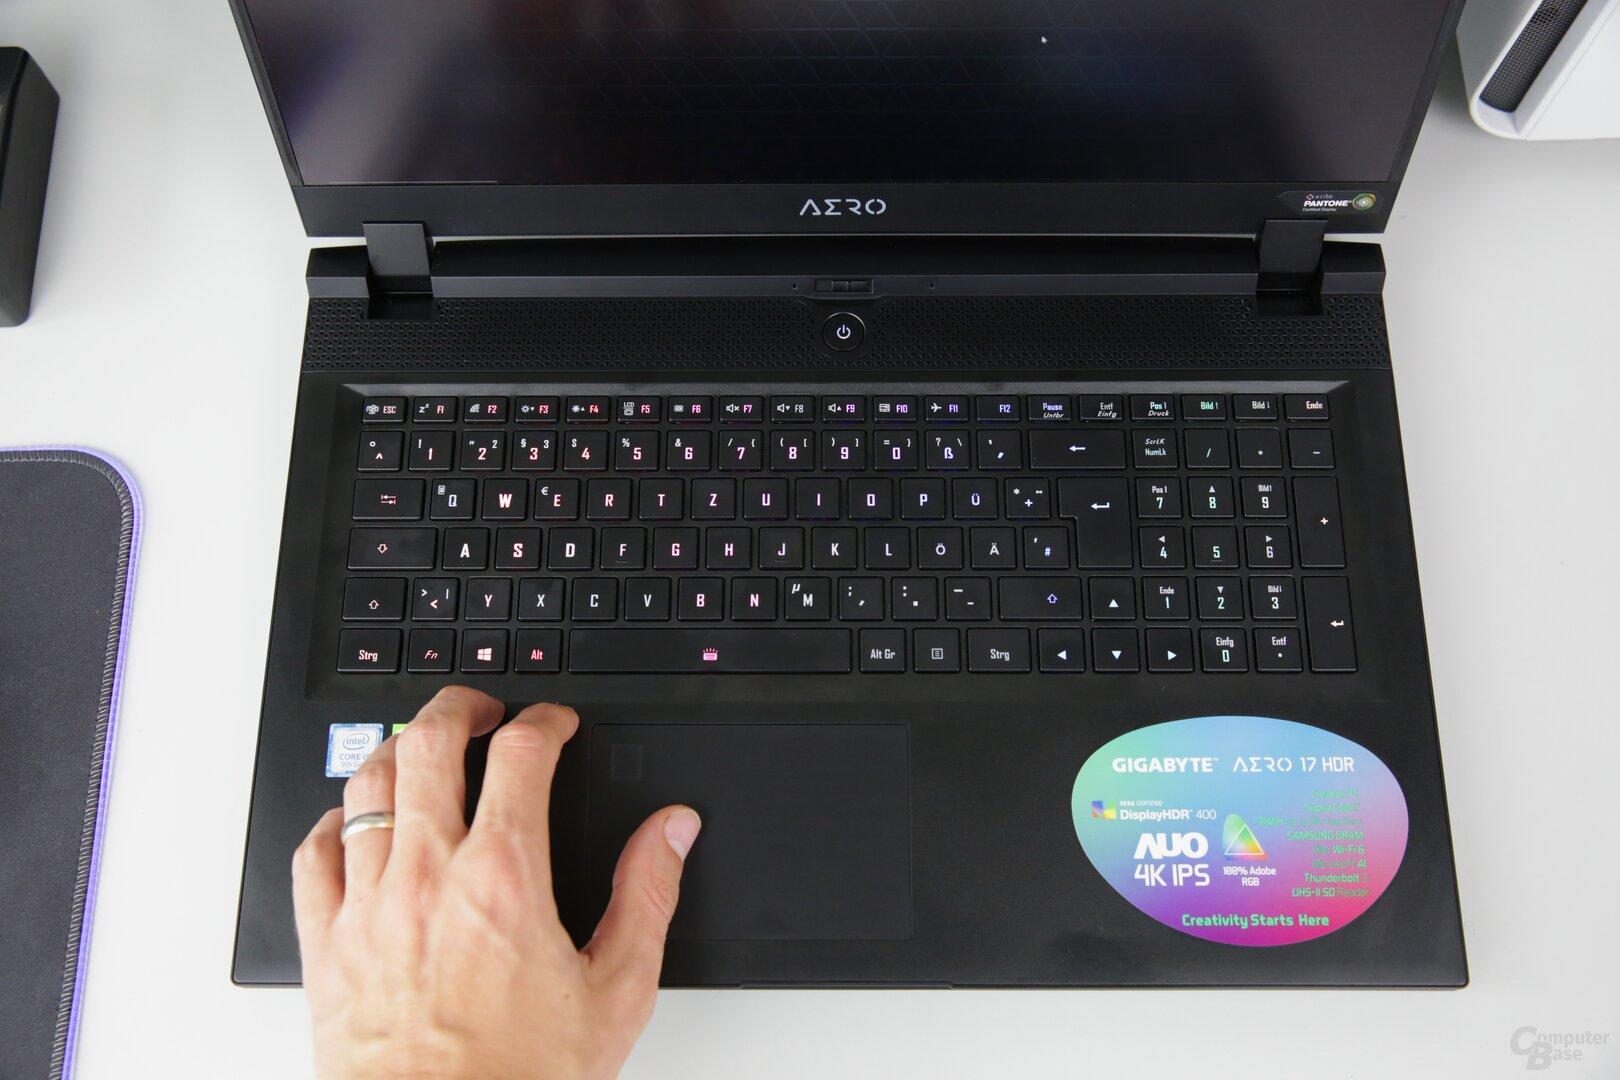 Die Tastatur ist etwas schwammig, das Touchpad nur groß